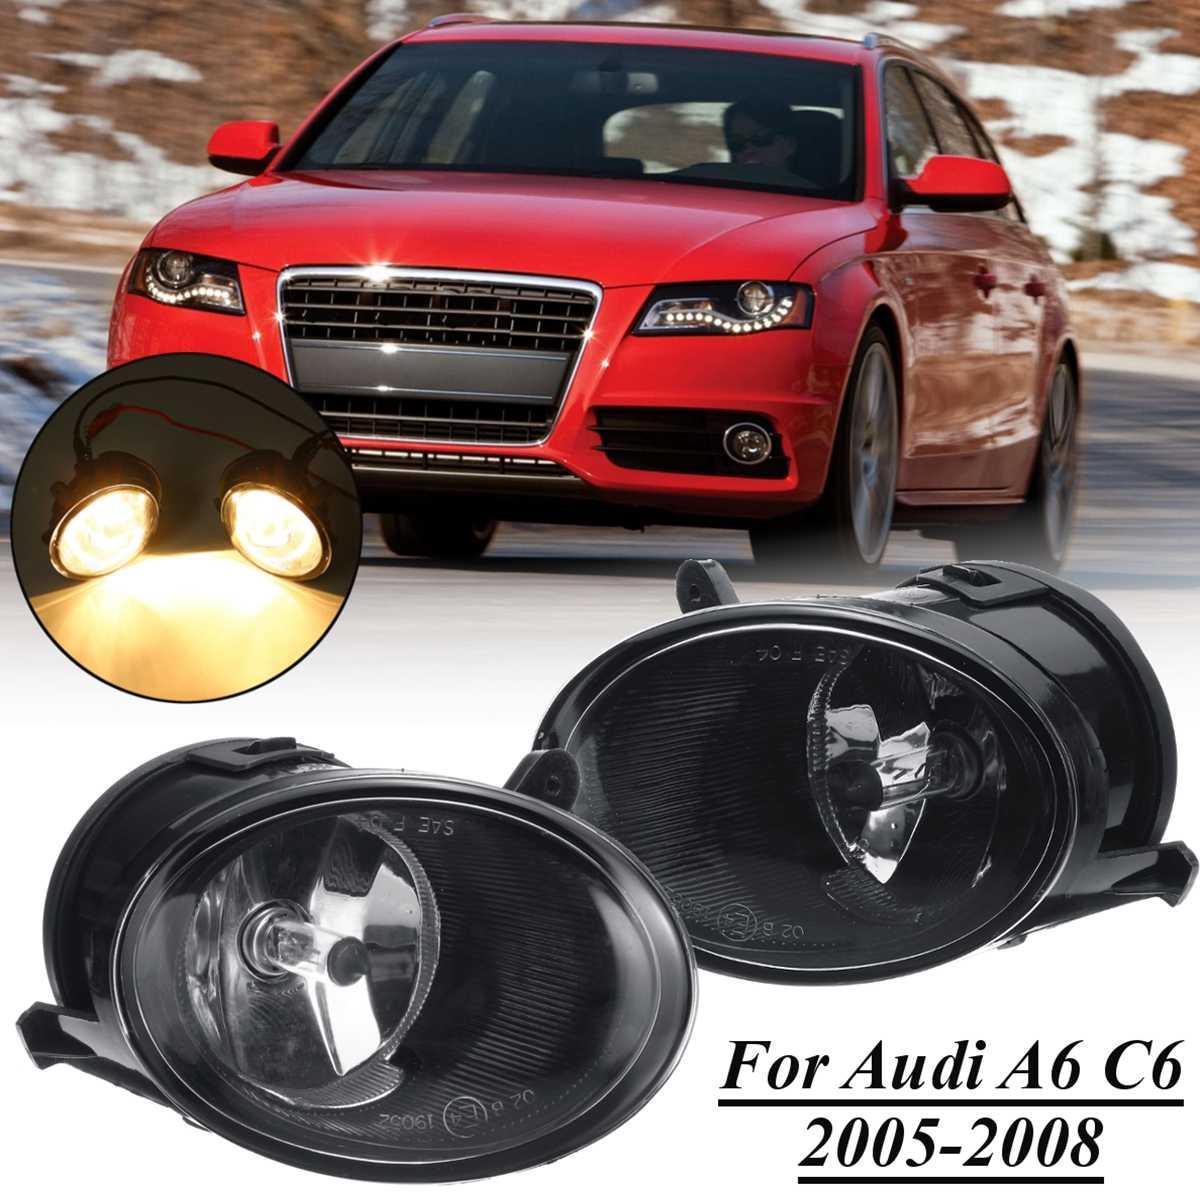 2 шт. 12 в автомобильный передний бампер Гриль Противотуманные фары для Audi A6 C6 2005 2006 2007 2008 галогенная лампа аксессуары для вождения